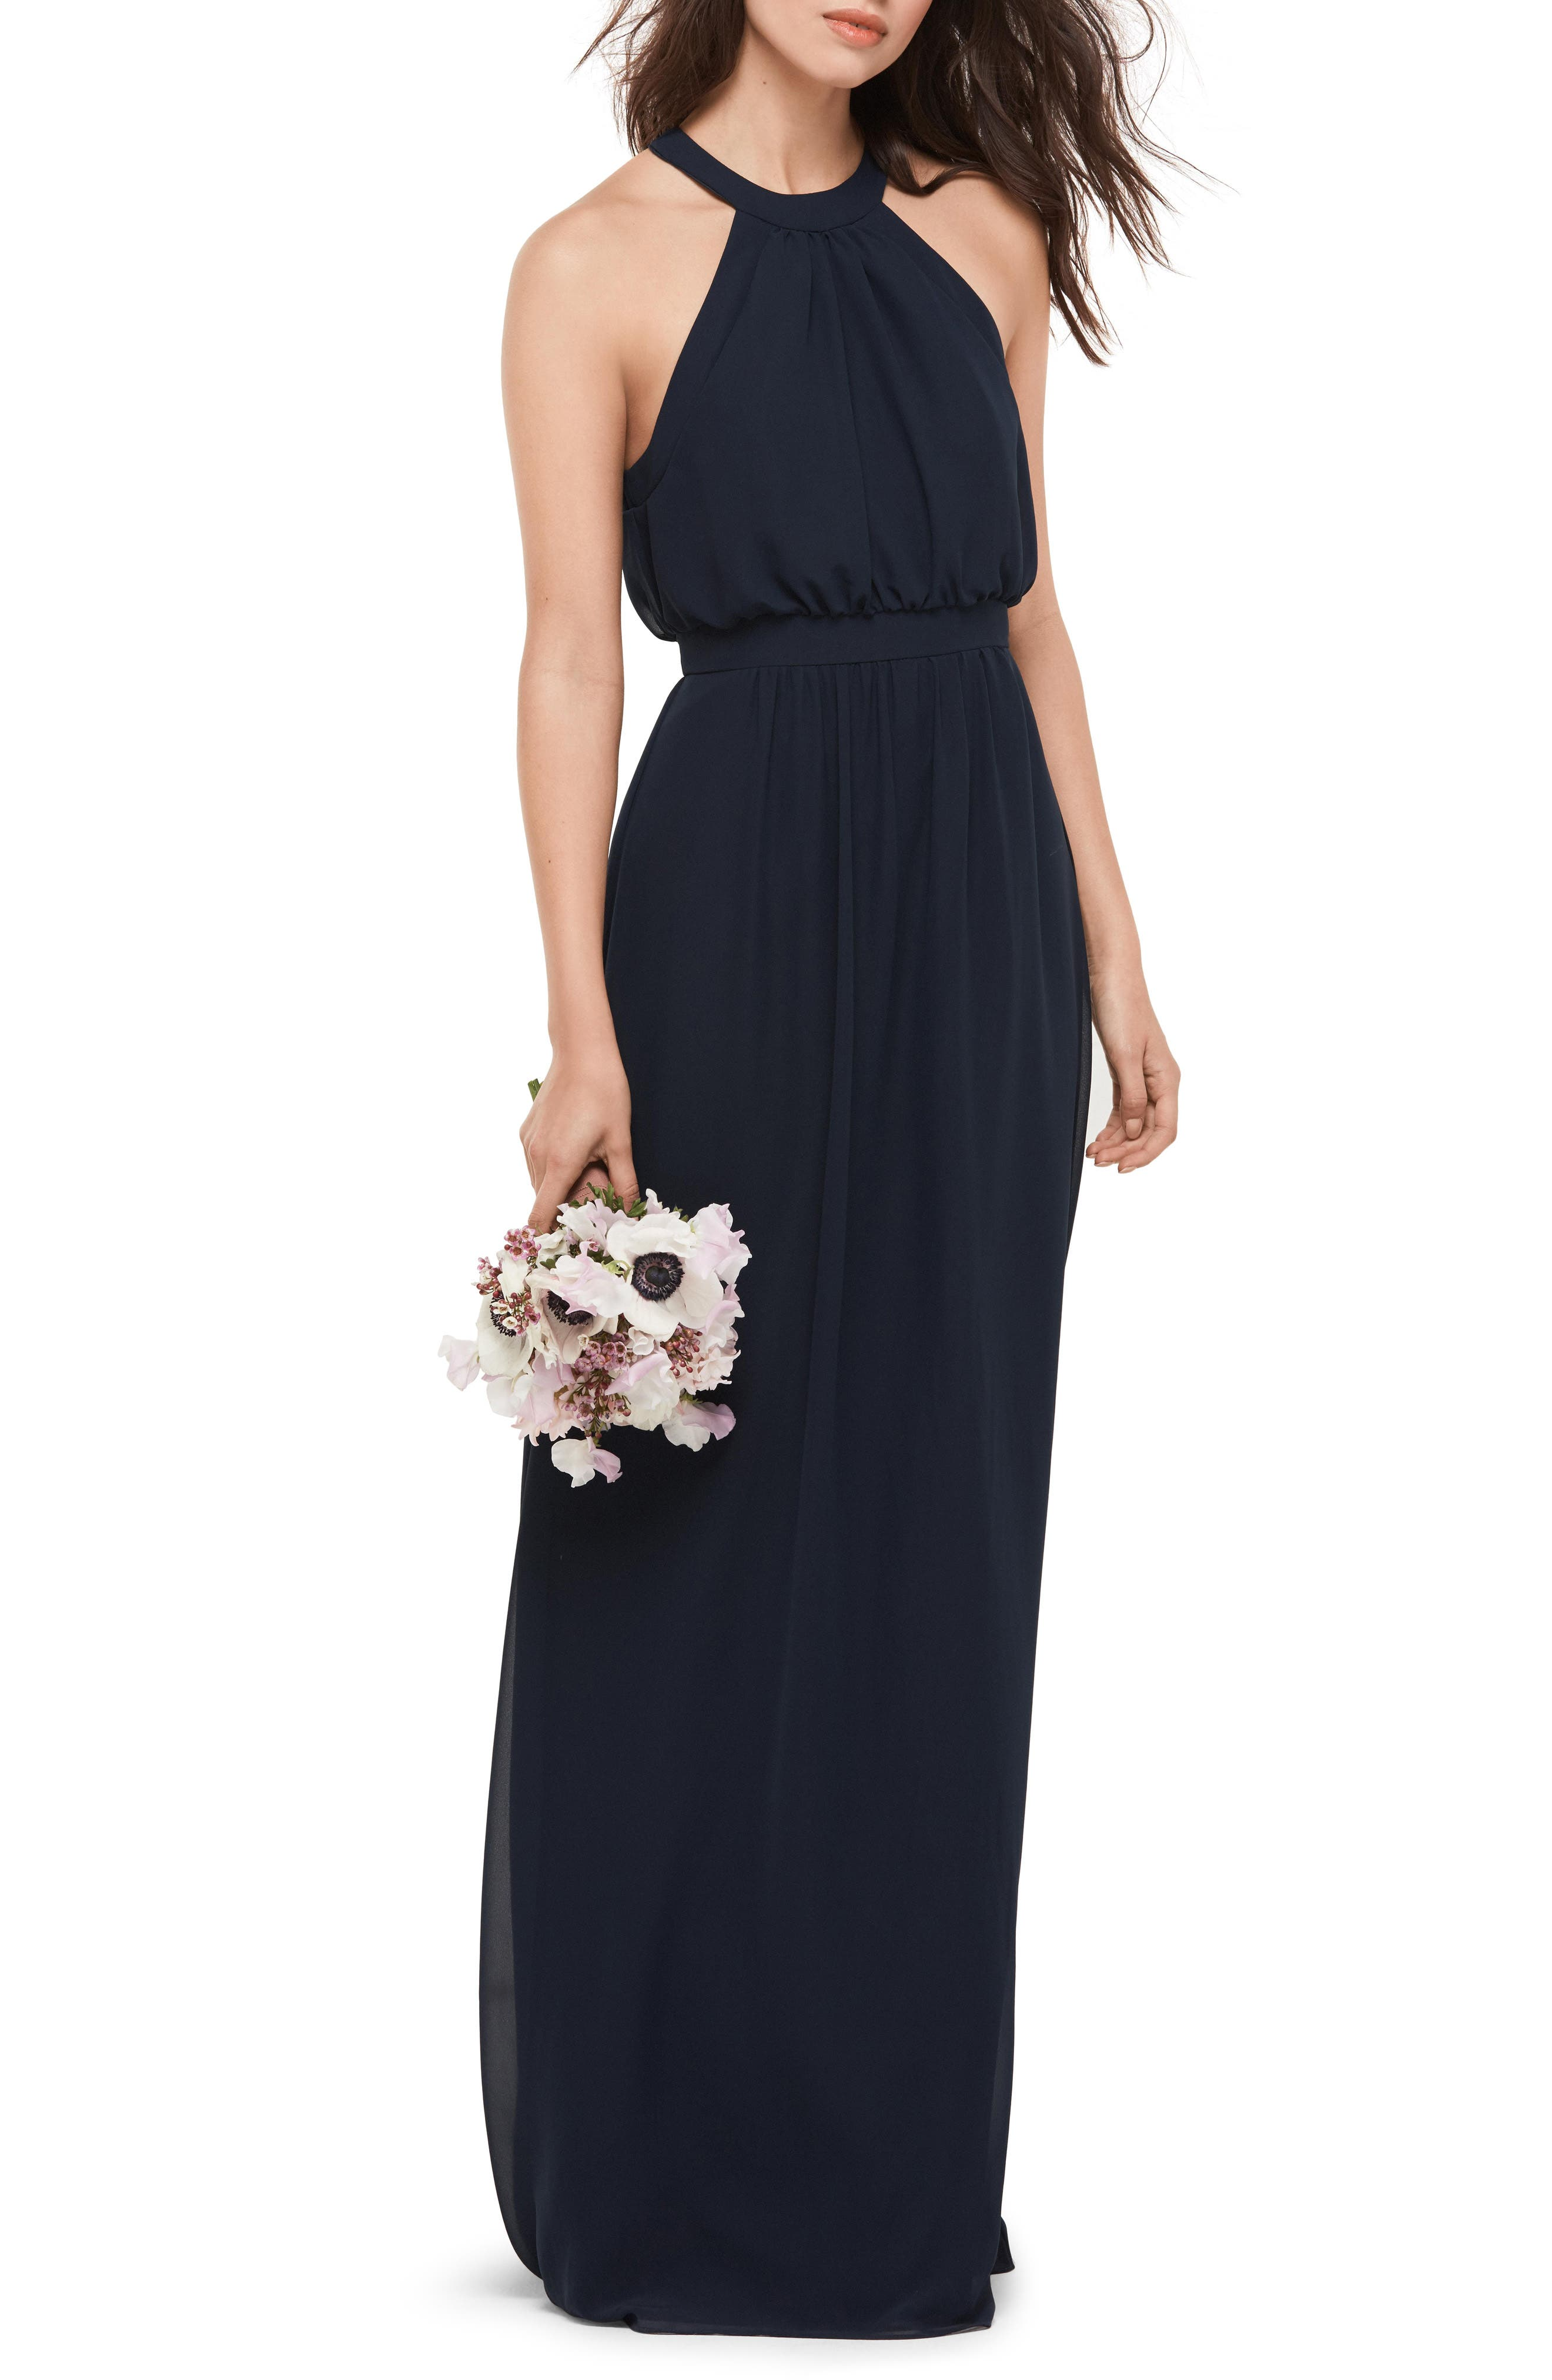 Blouson Chiffon Gown,                         Main,                         color, 410